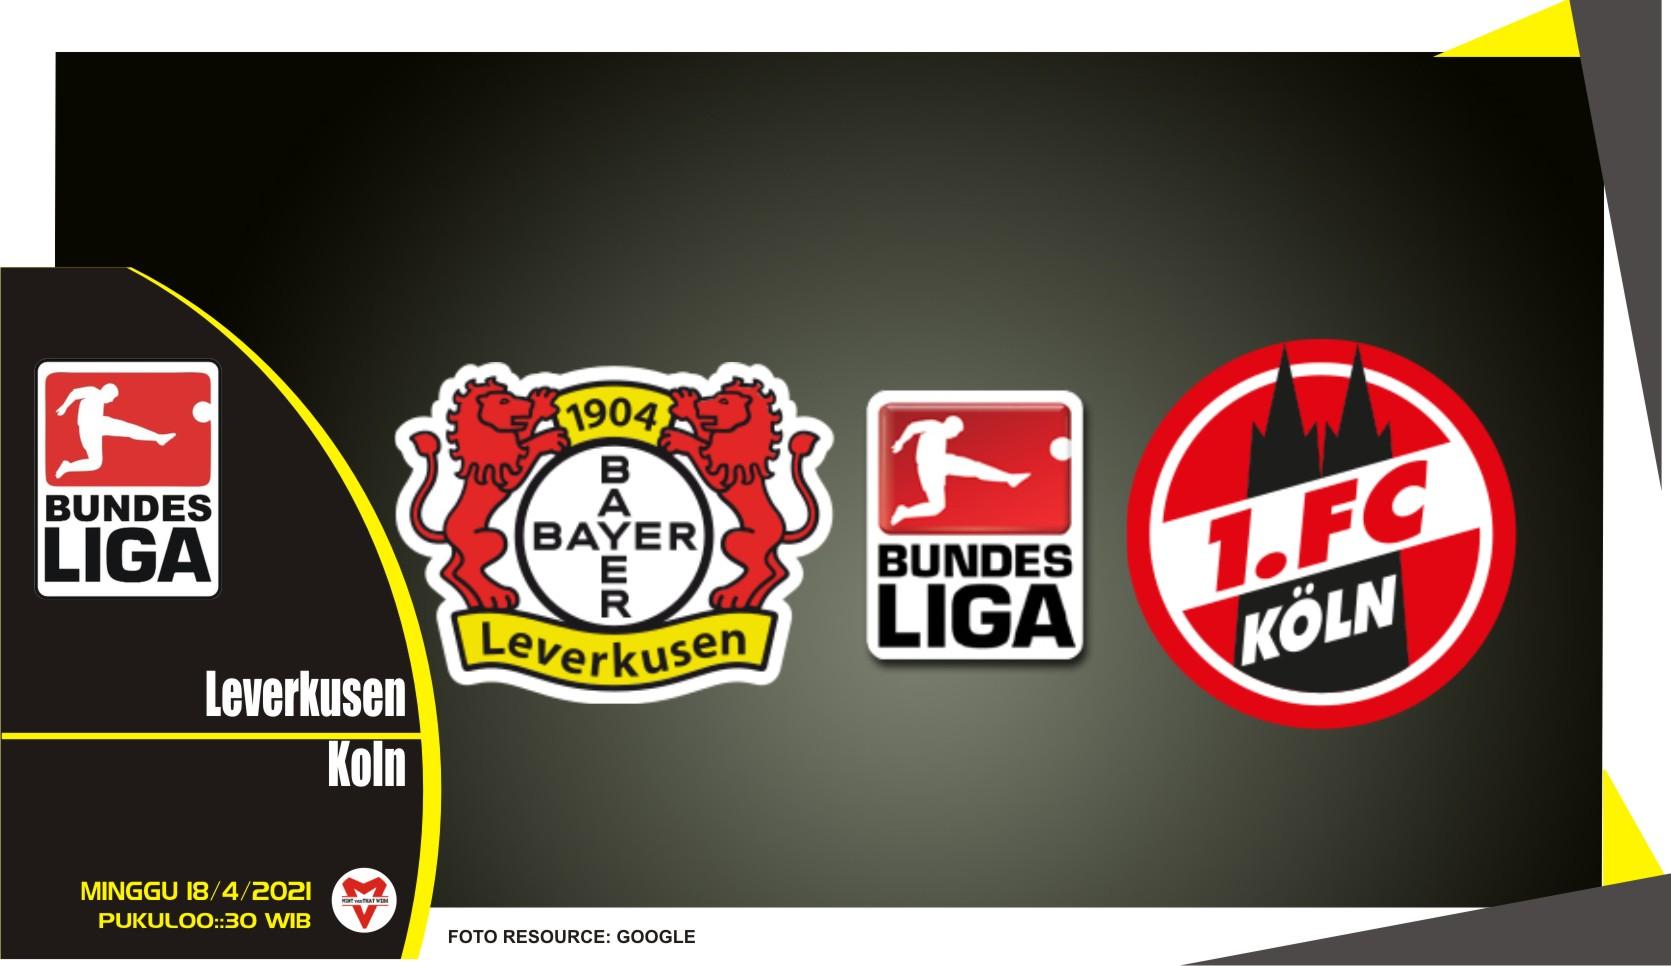 Prediksi Liga Jerman: Leverkusen vs FC Koln - 18 April 2021